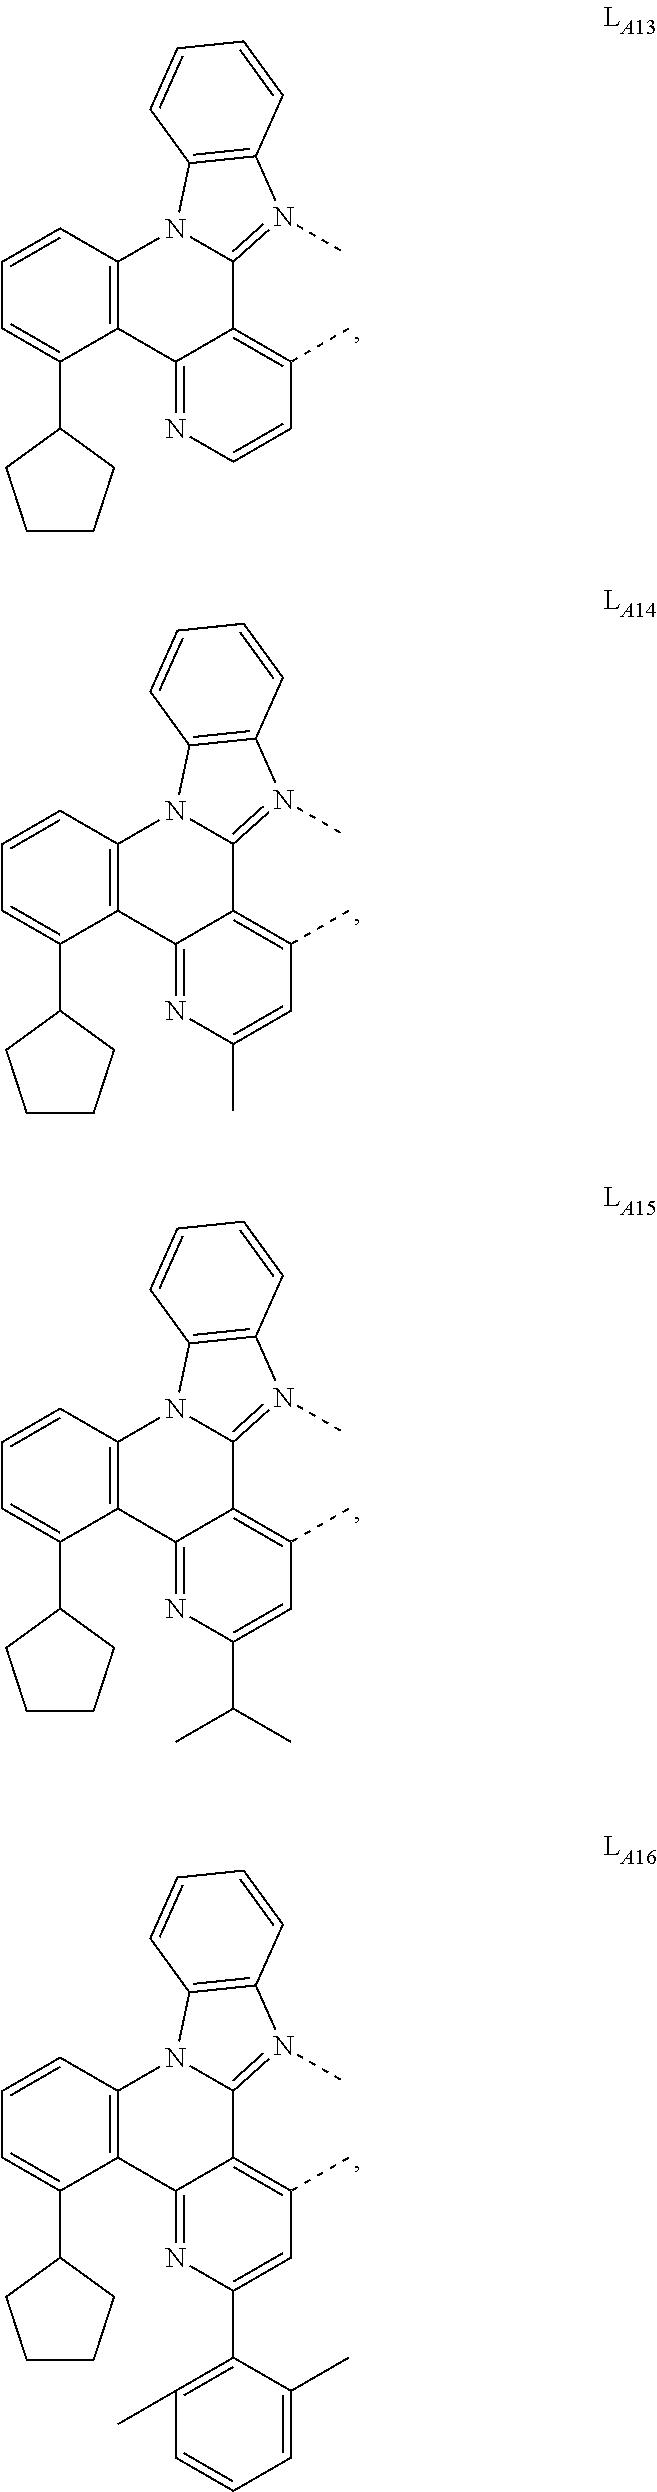 Figure US09905785-20180227-C00027